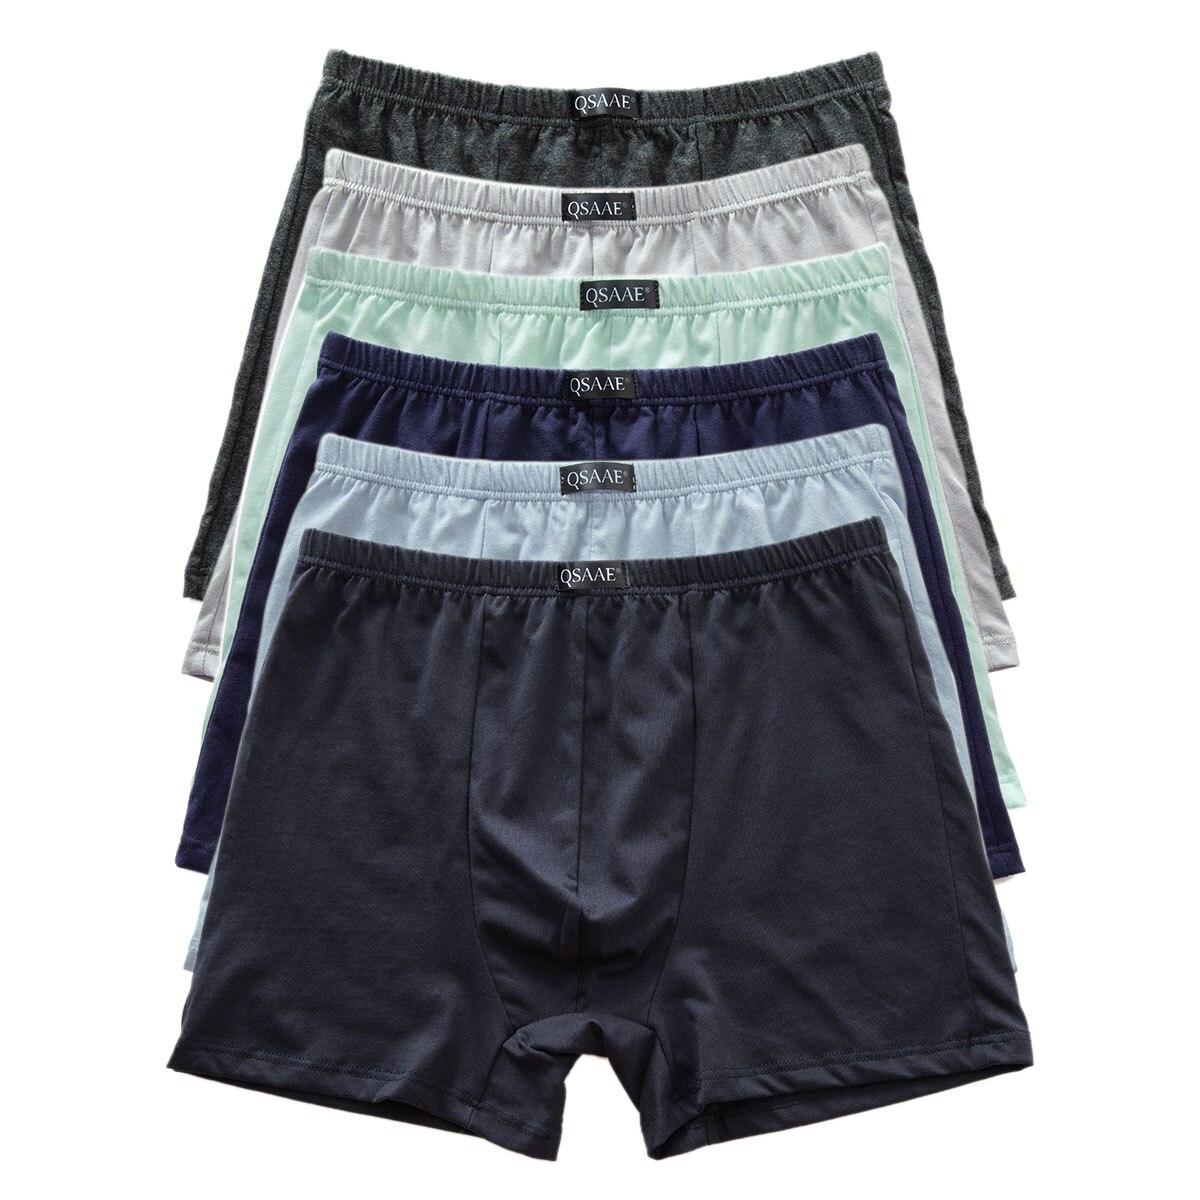 Transpirable ropa interior de gran tama/ño calzoncillo retro algod/ón de los hombres con 4 paquetes